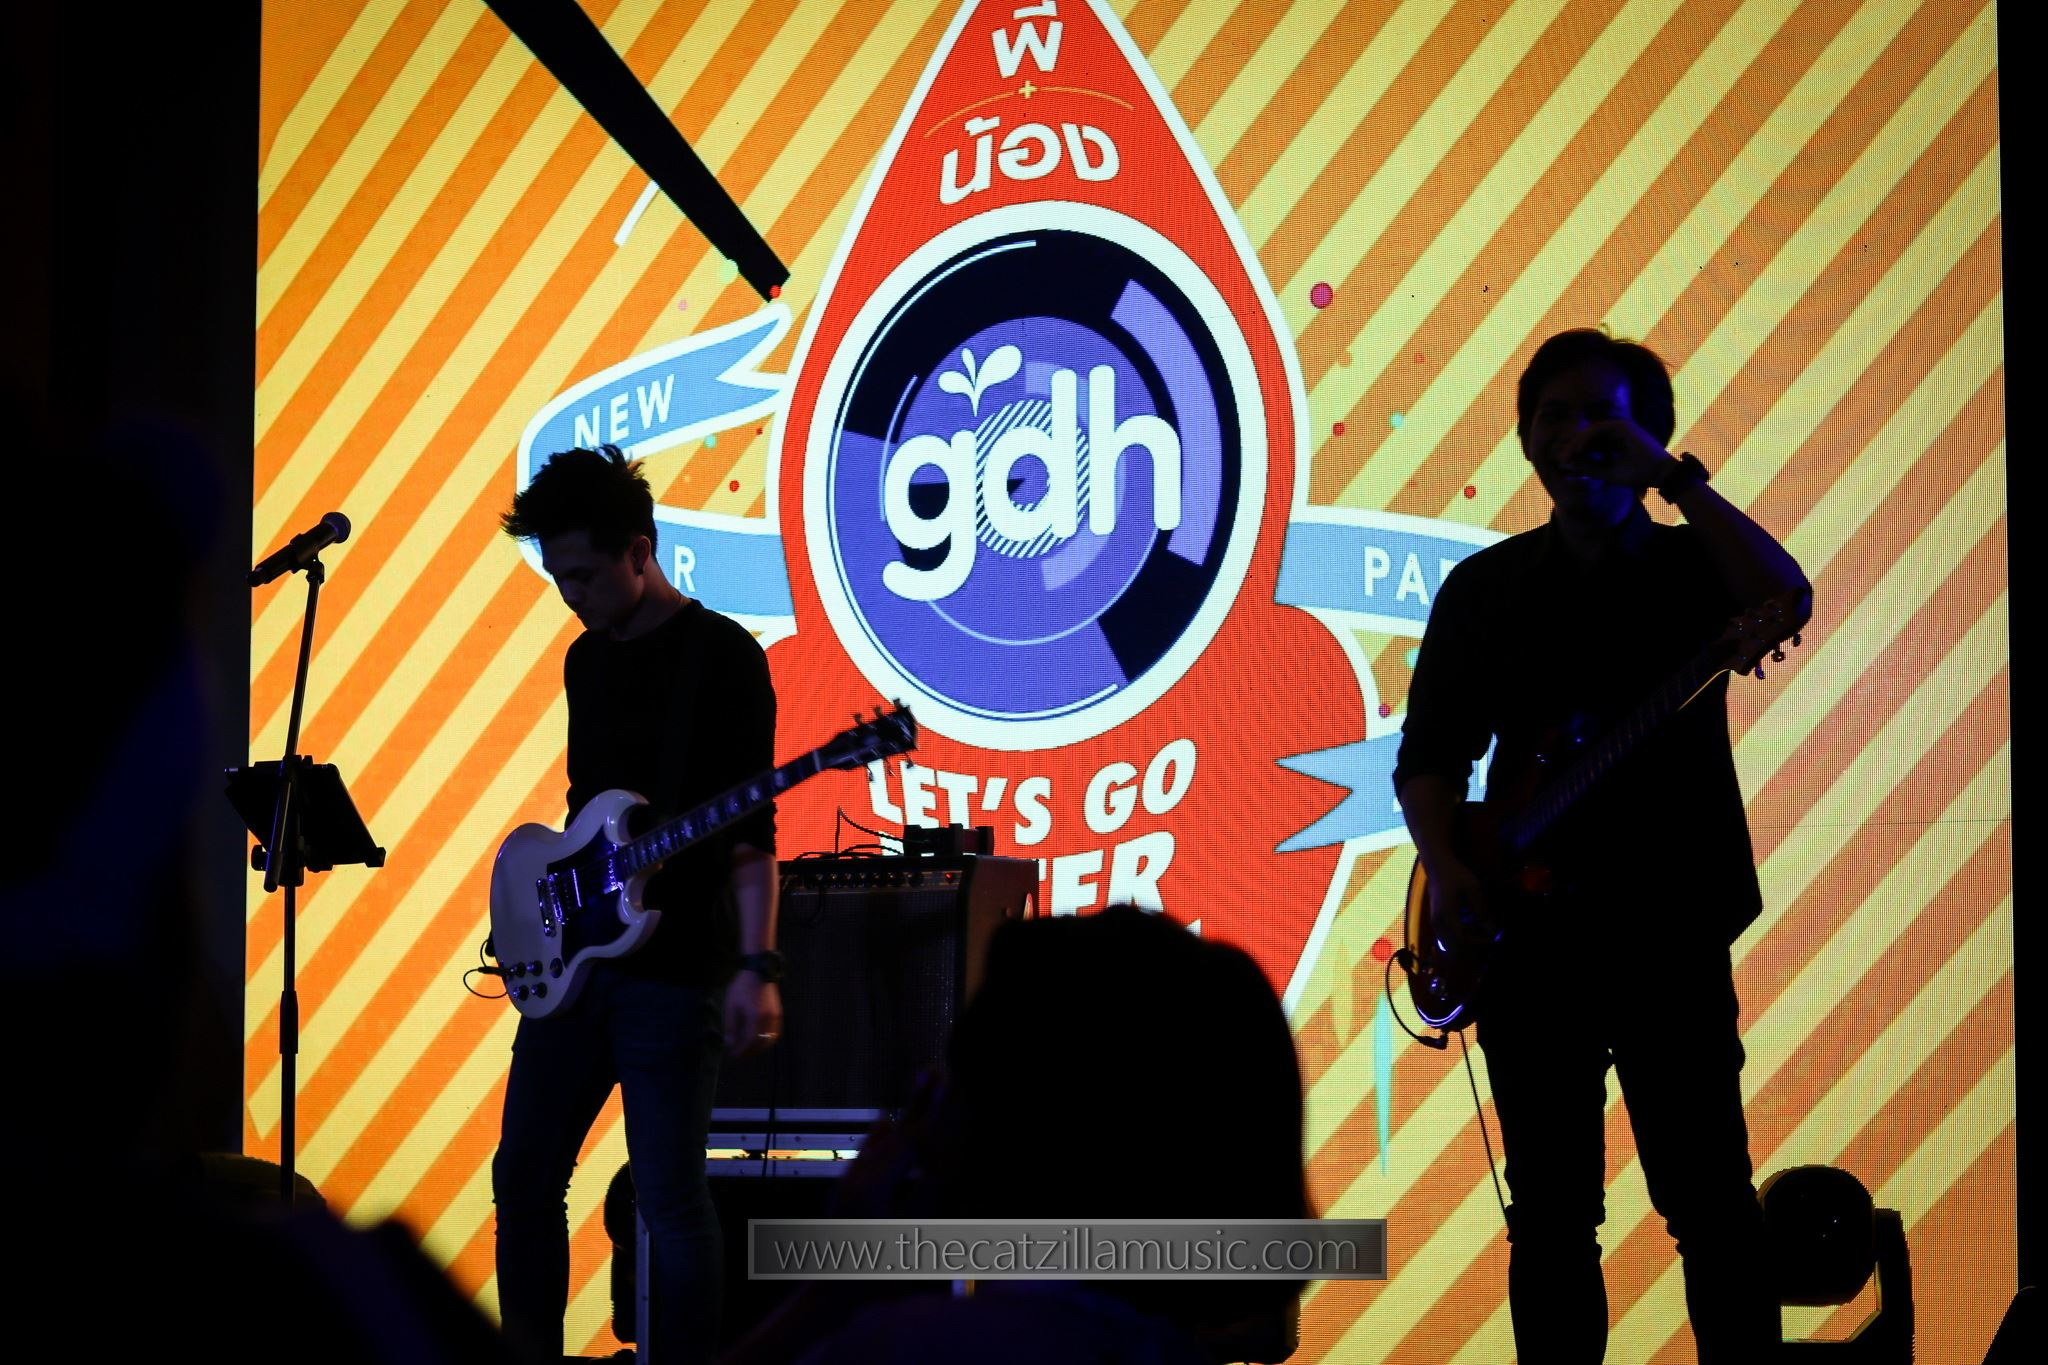 วงดนตรีงานเลี้ยงบริษัทGDH ค่ายหนังคุณภาพ